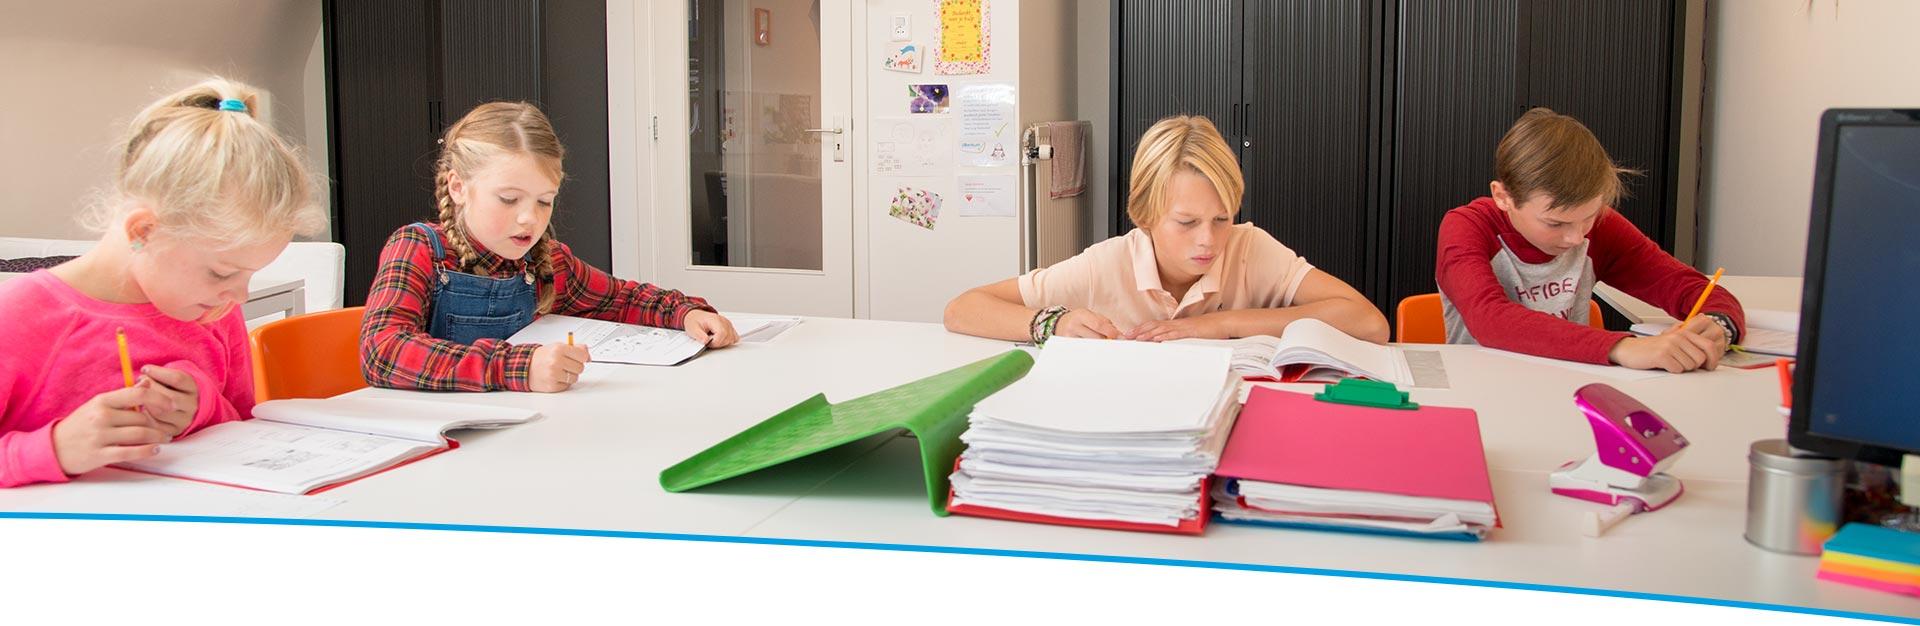 Bijles voor uw kind op de basisschool in Amersfoort - aanmelden